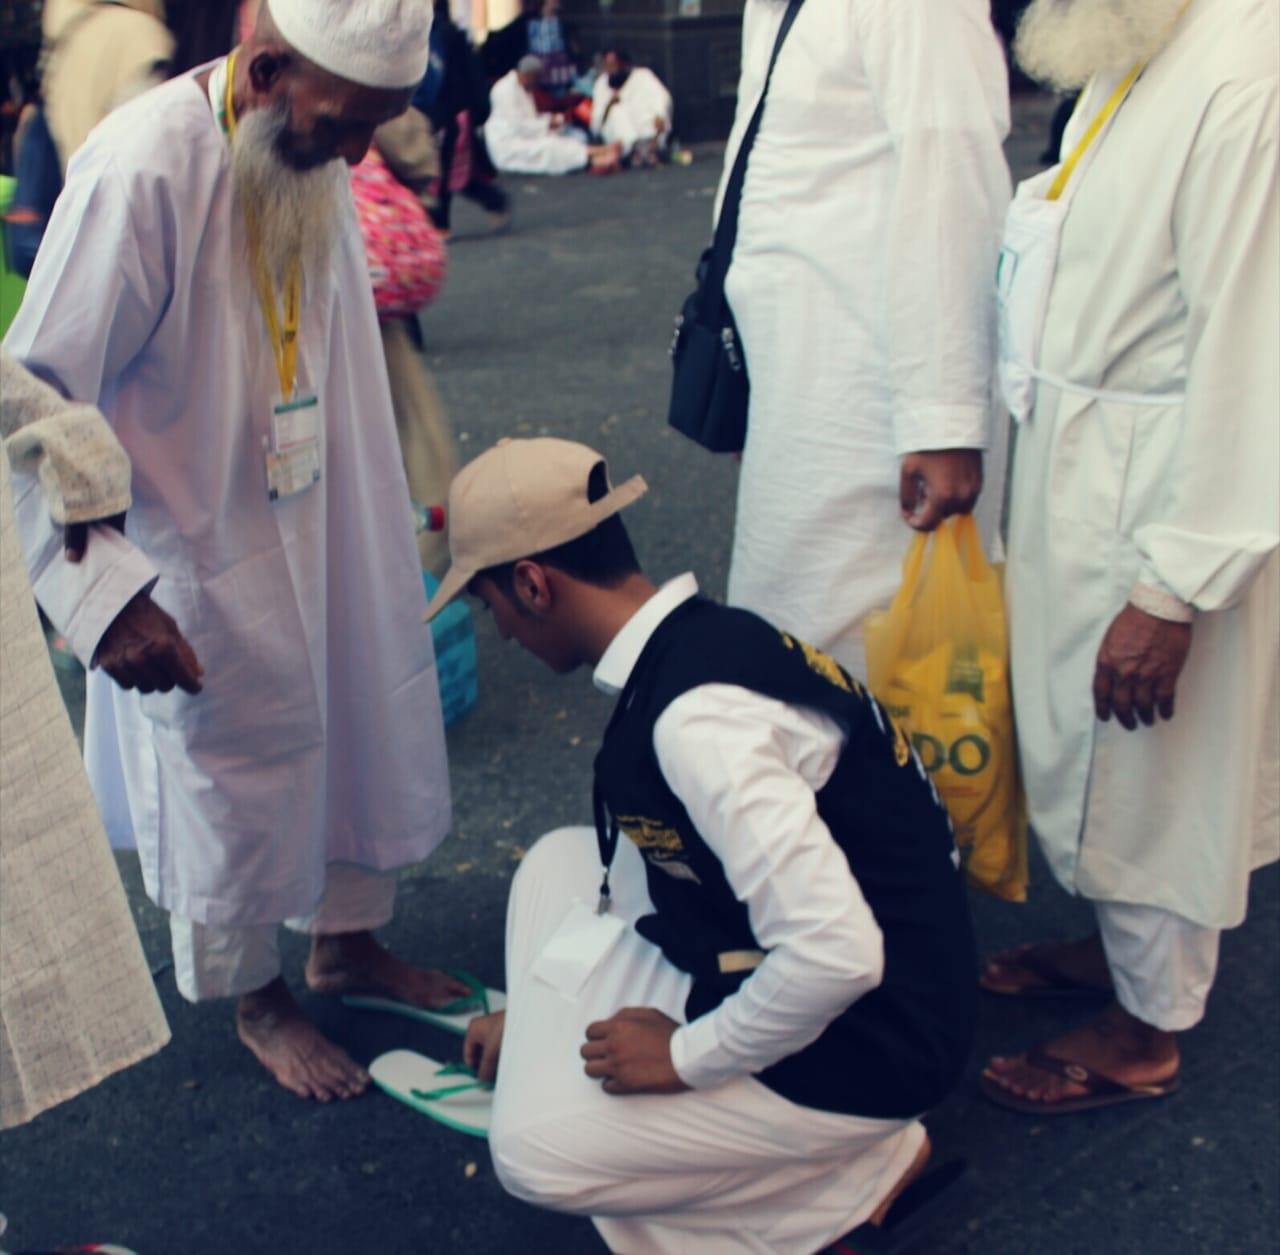 شباب مكة يوفرون أحذية بلاستيكية ويقدمونها للحجاج